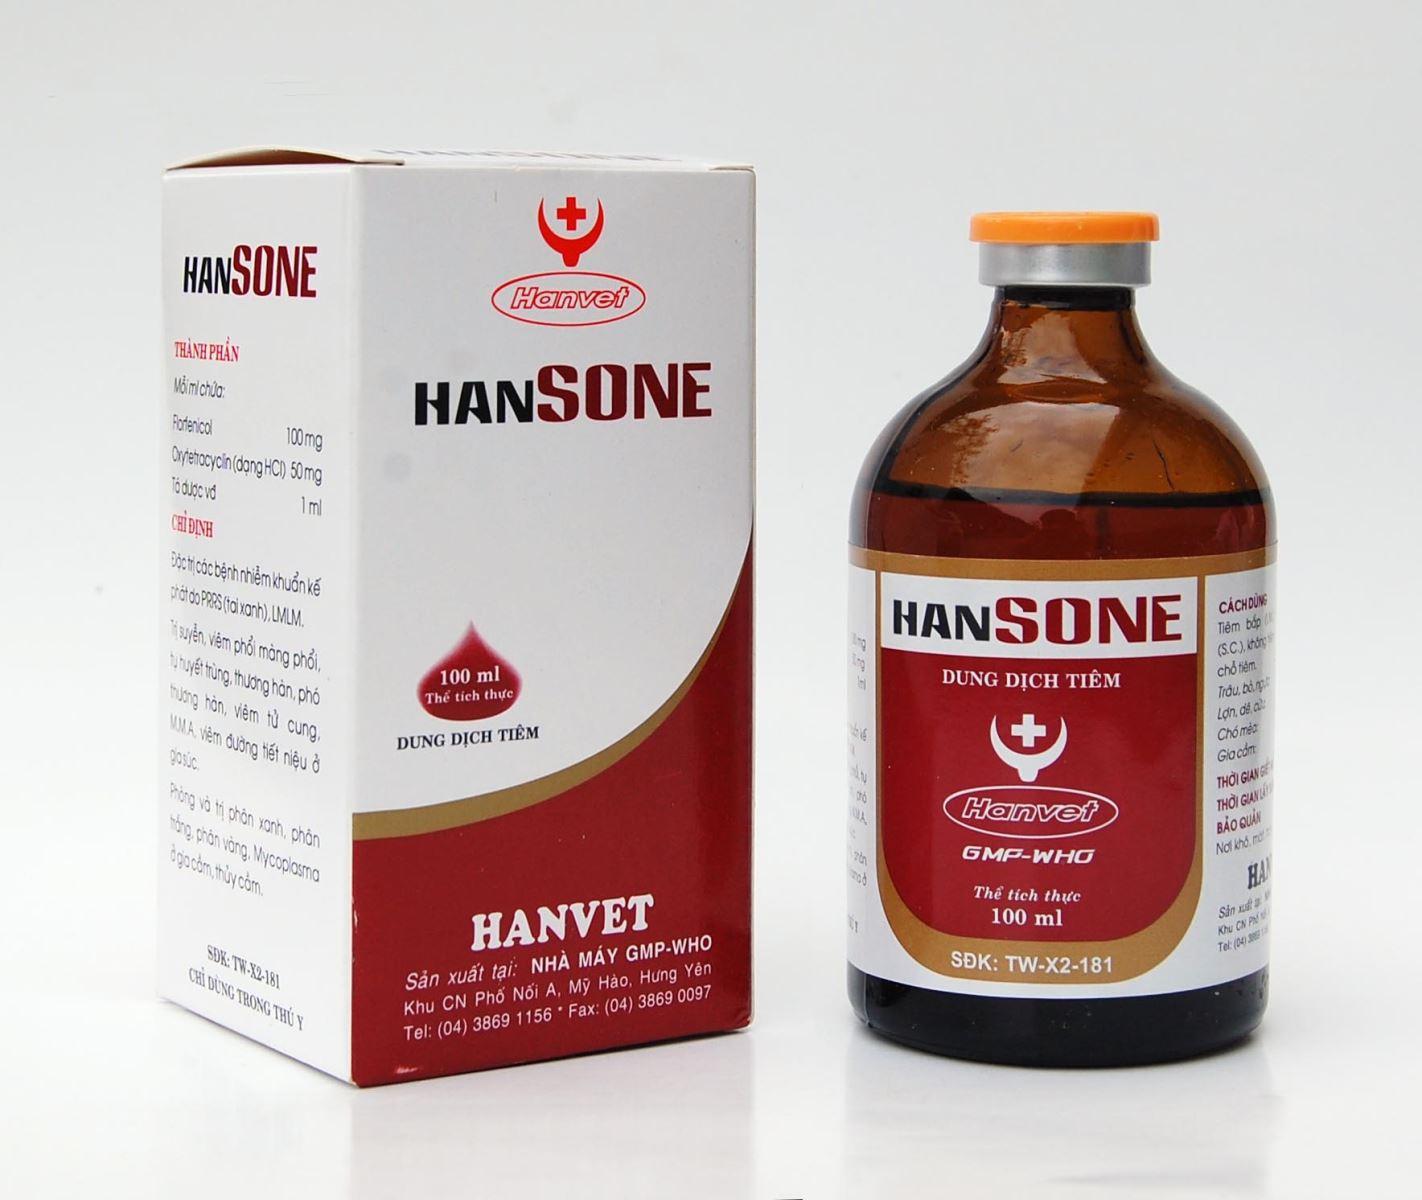 Hansone